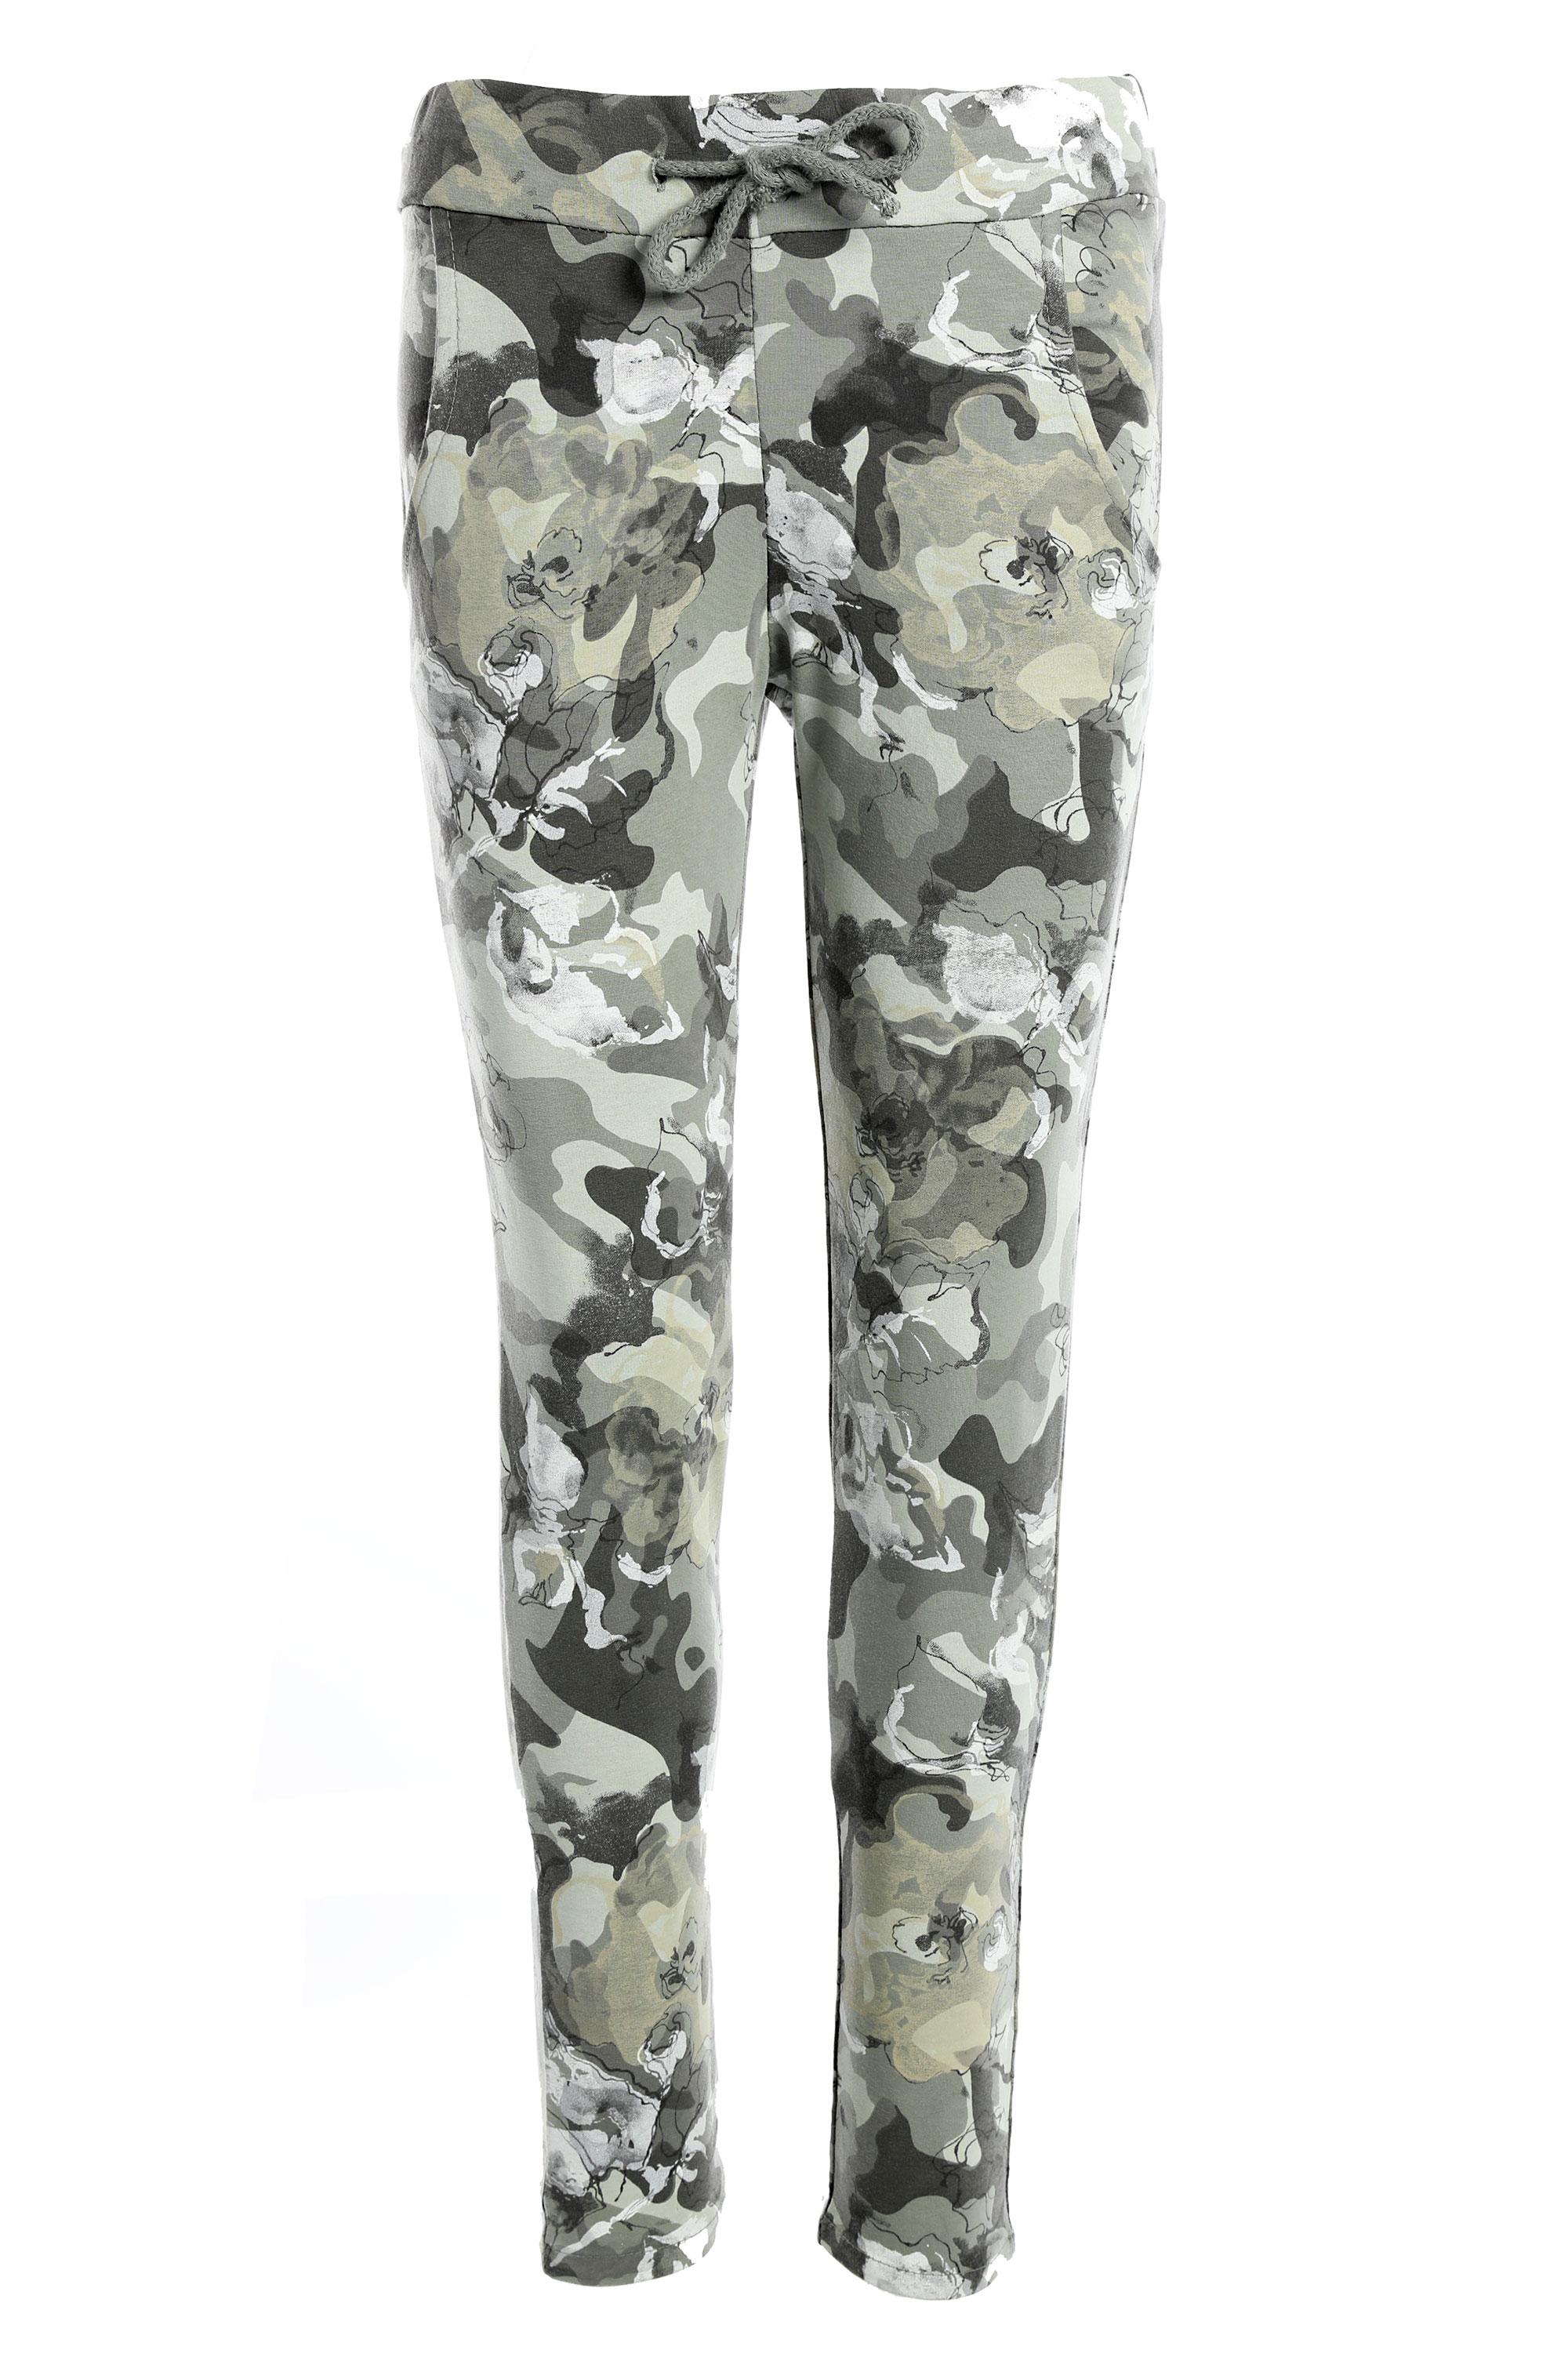 Spodnie - 77-7775 MILIT - Unisono